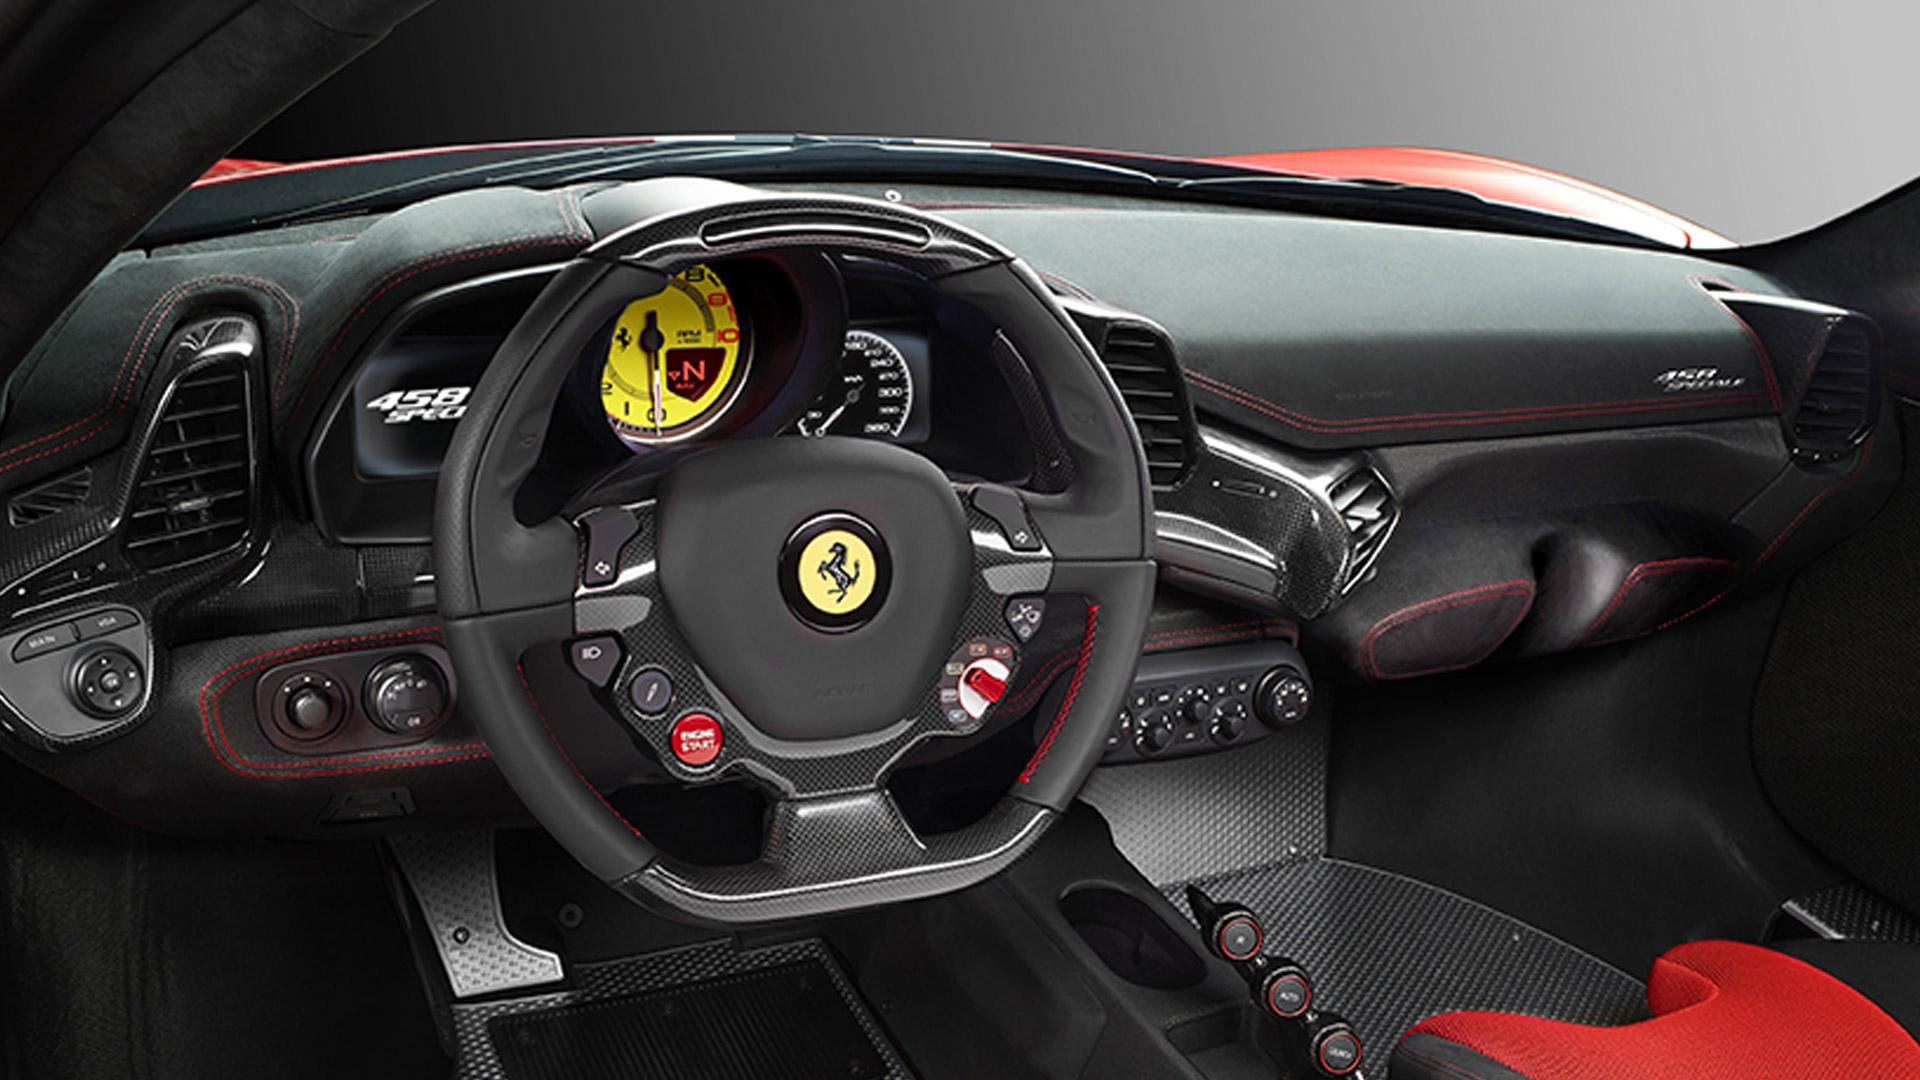 Ferrari 458 2015 Speciale Compare